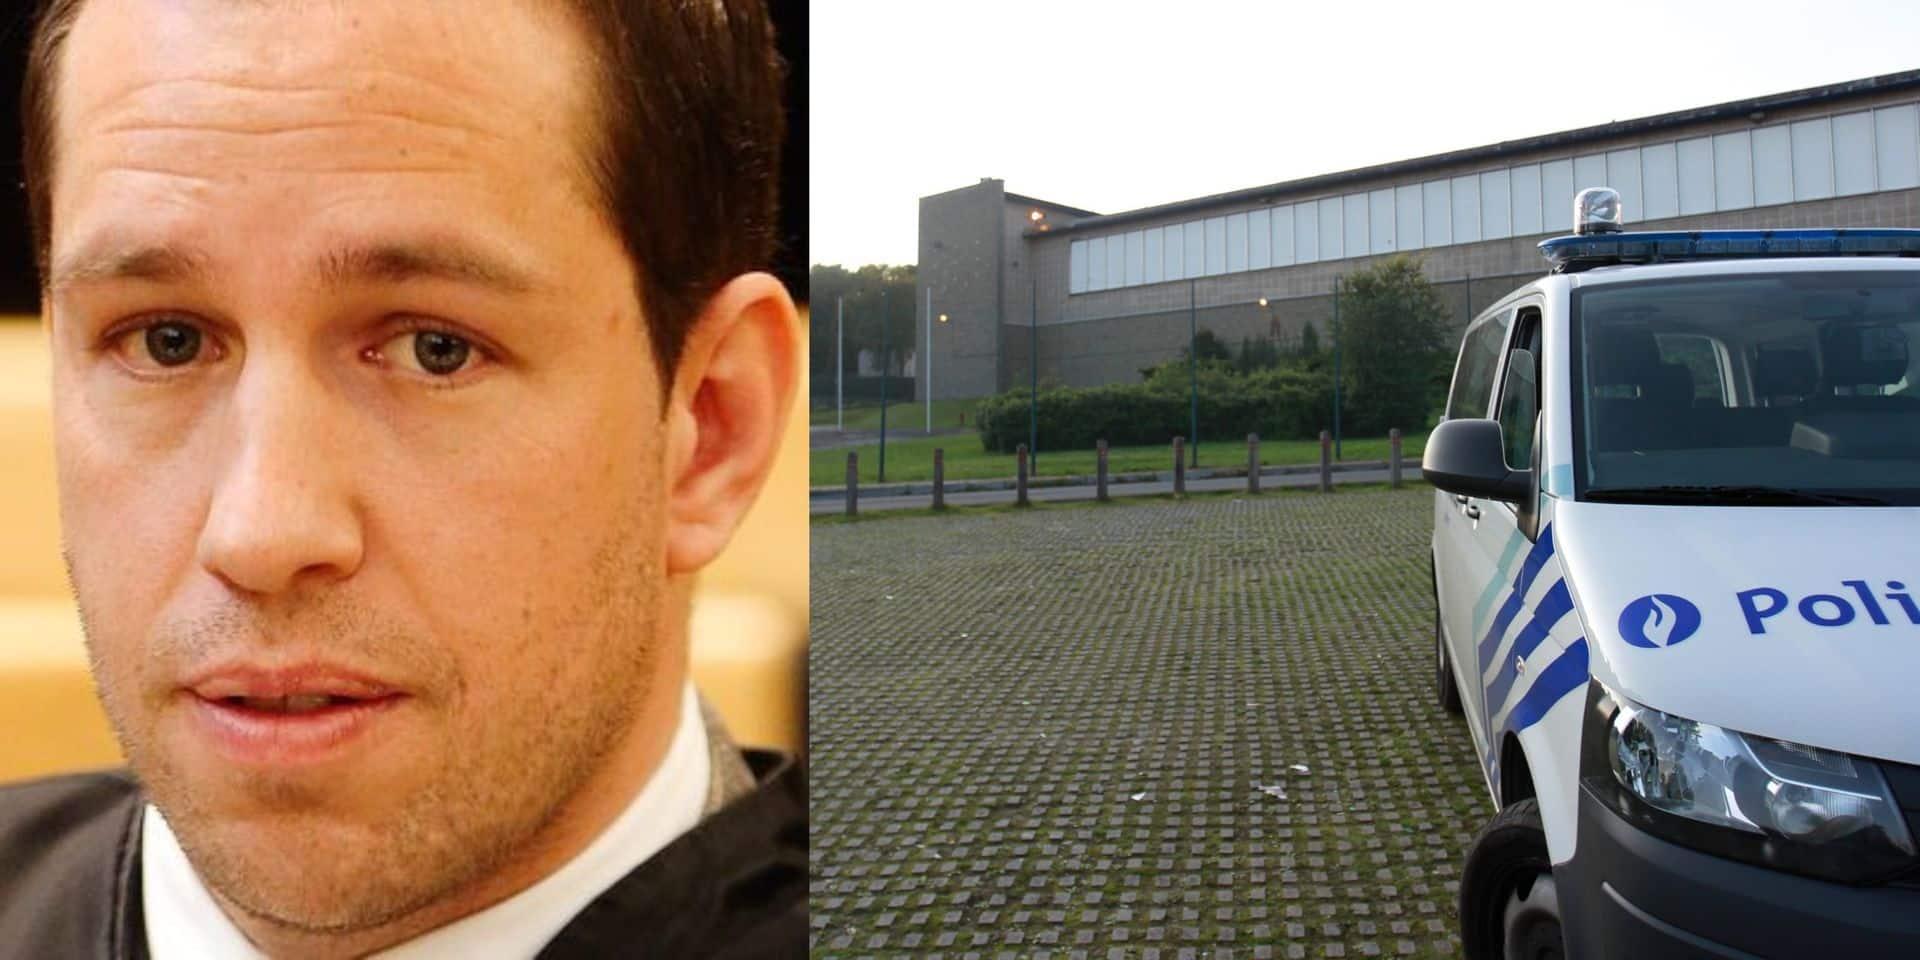 La Belgique déjà condamnée pour la mort d'un homme en cellule